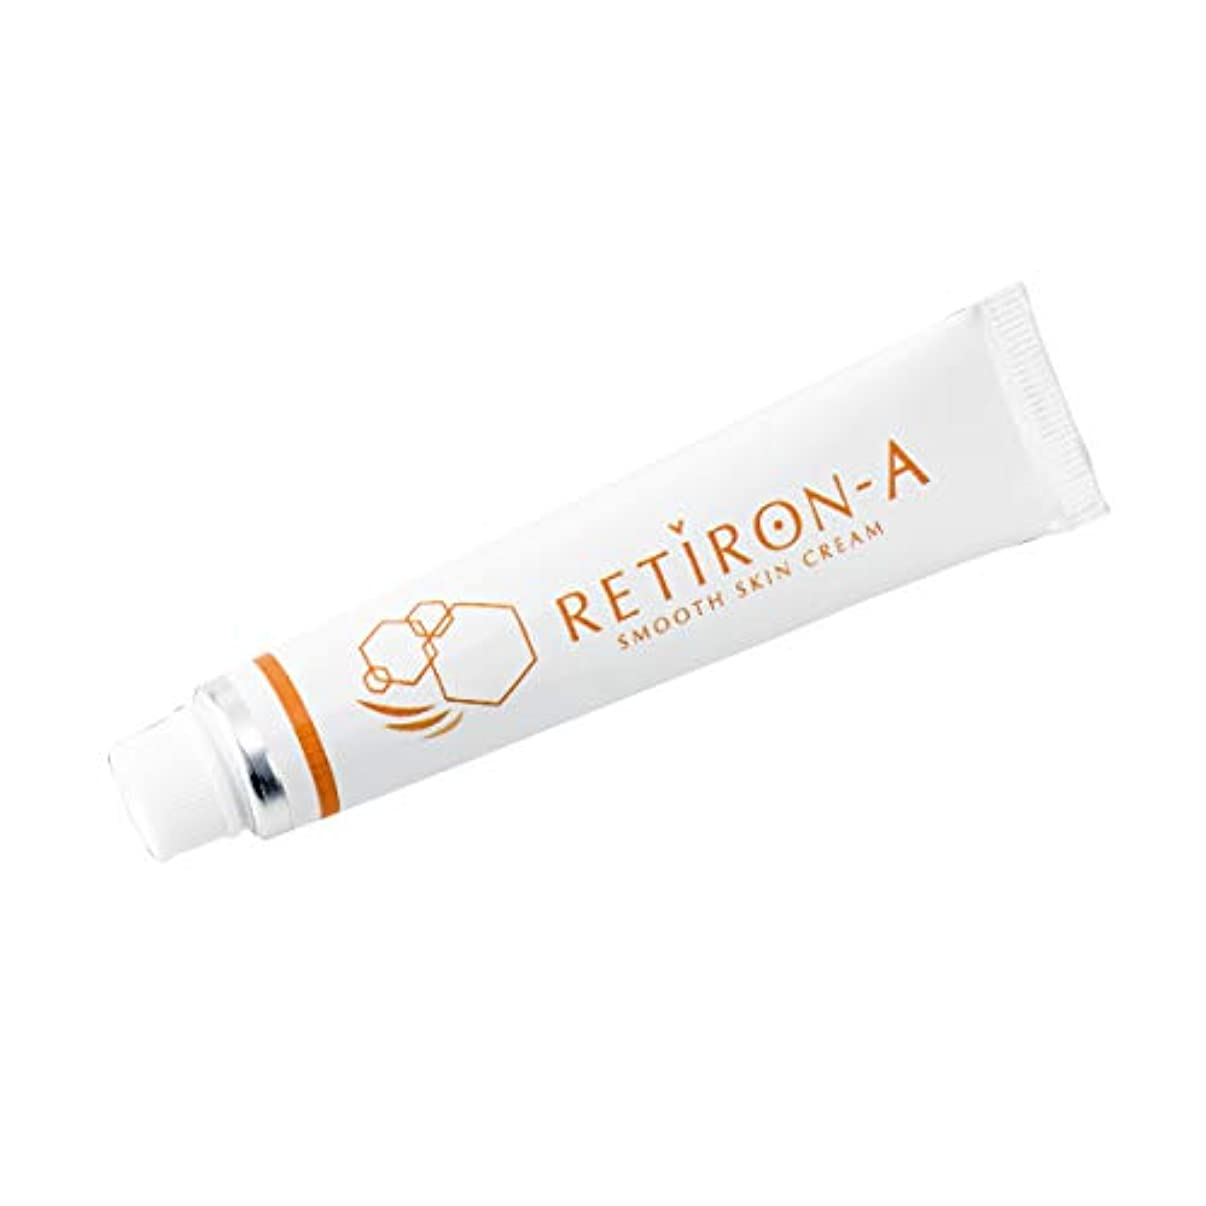 領事館野なかかわらずクリーム 化粧品 レチノール配合 レチロンA パラベンフリー